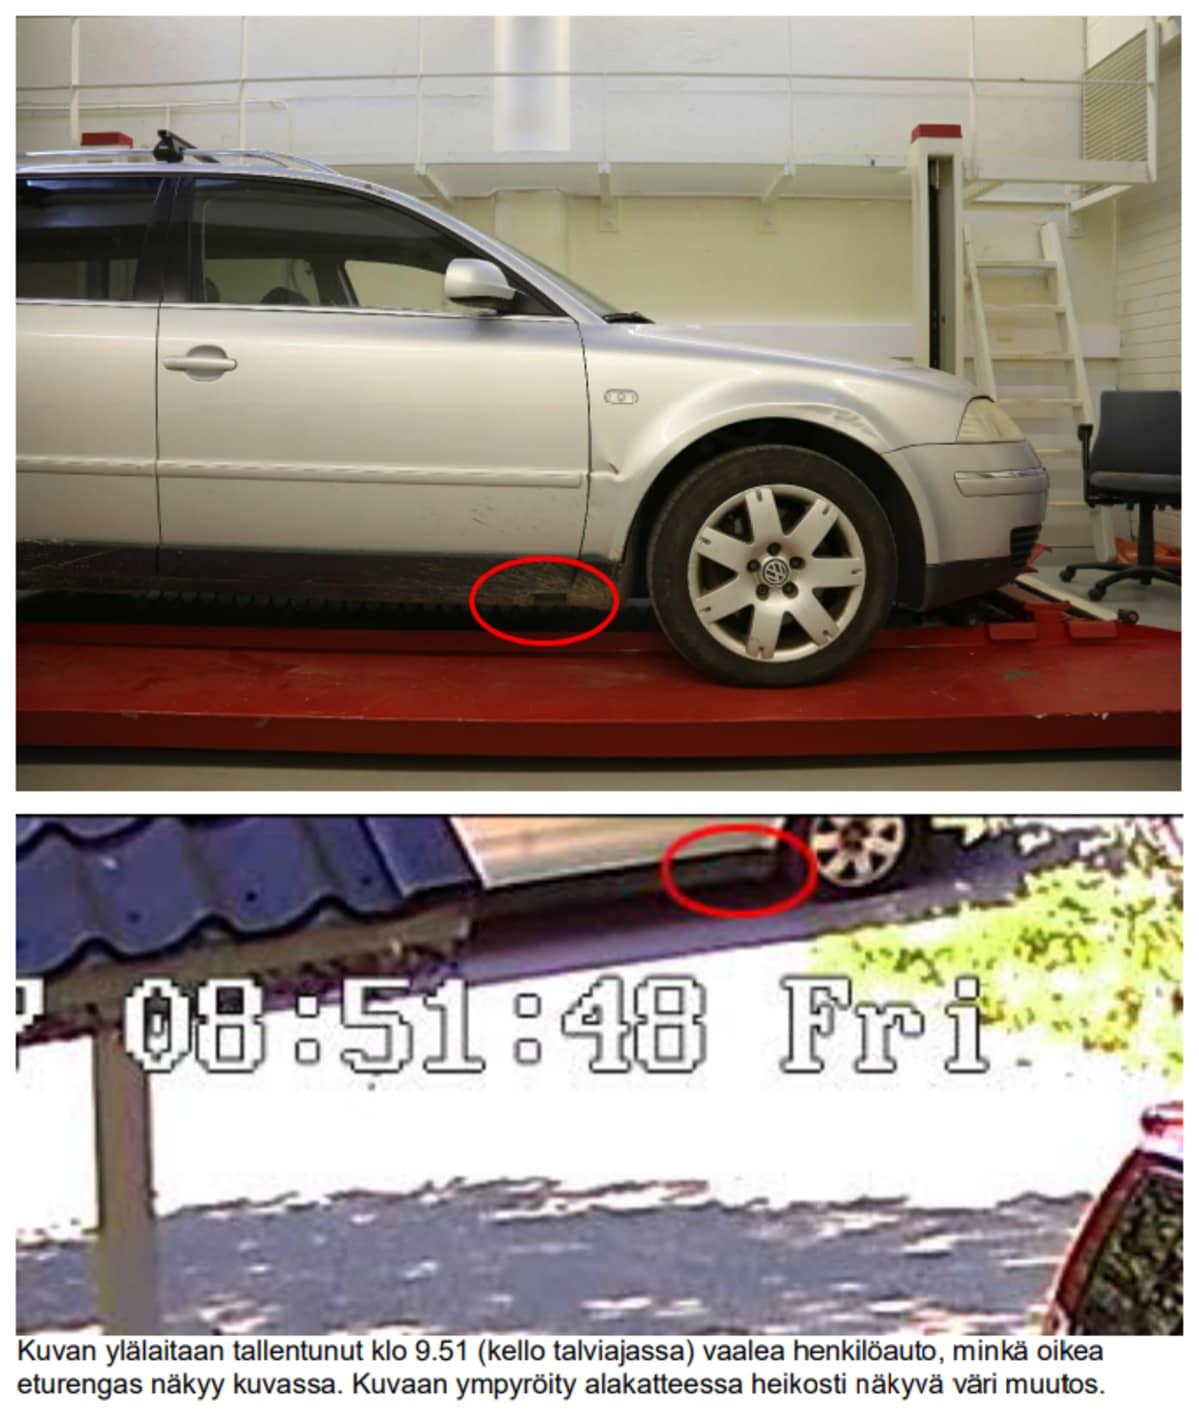 Kaksi kuvaa auton alaosasta kuvattuna laboratioriossa ja turvakamerakuvassa.